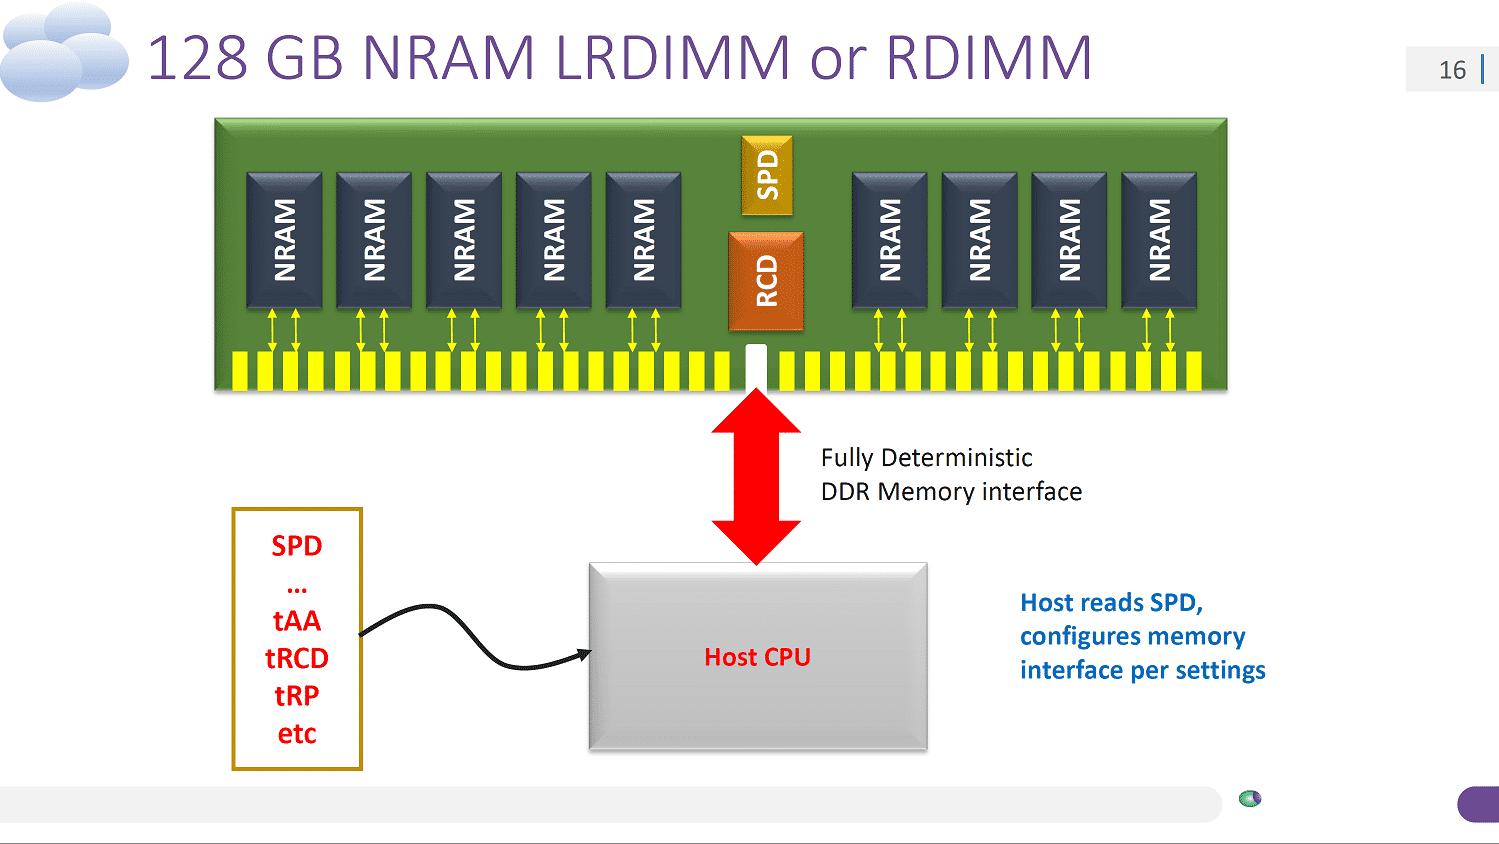 Speichertechnik: NRAM als nichtflüchtige DRAM-Alternative wird serienreif